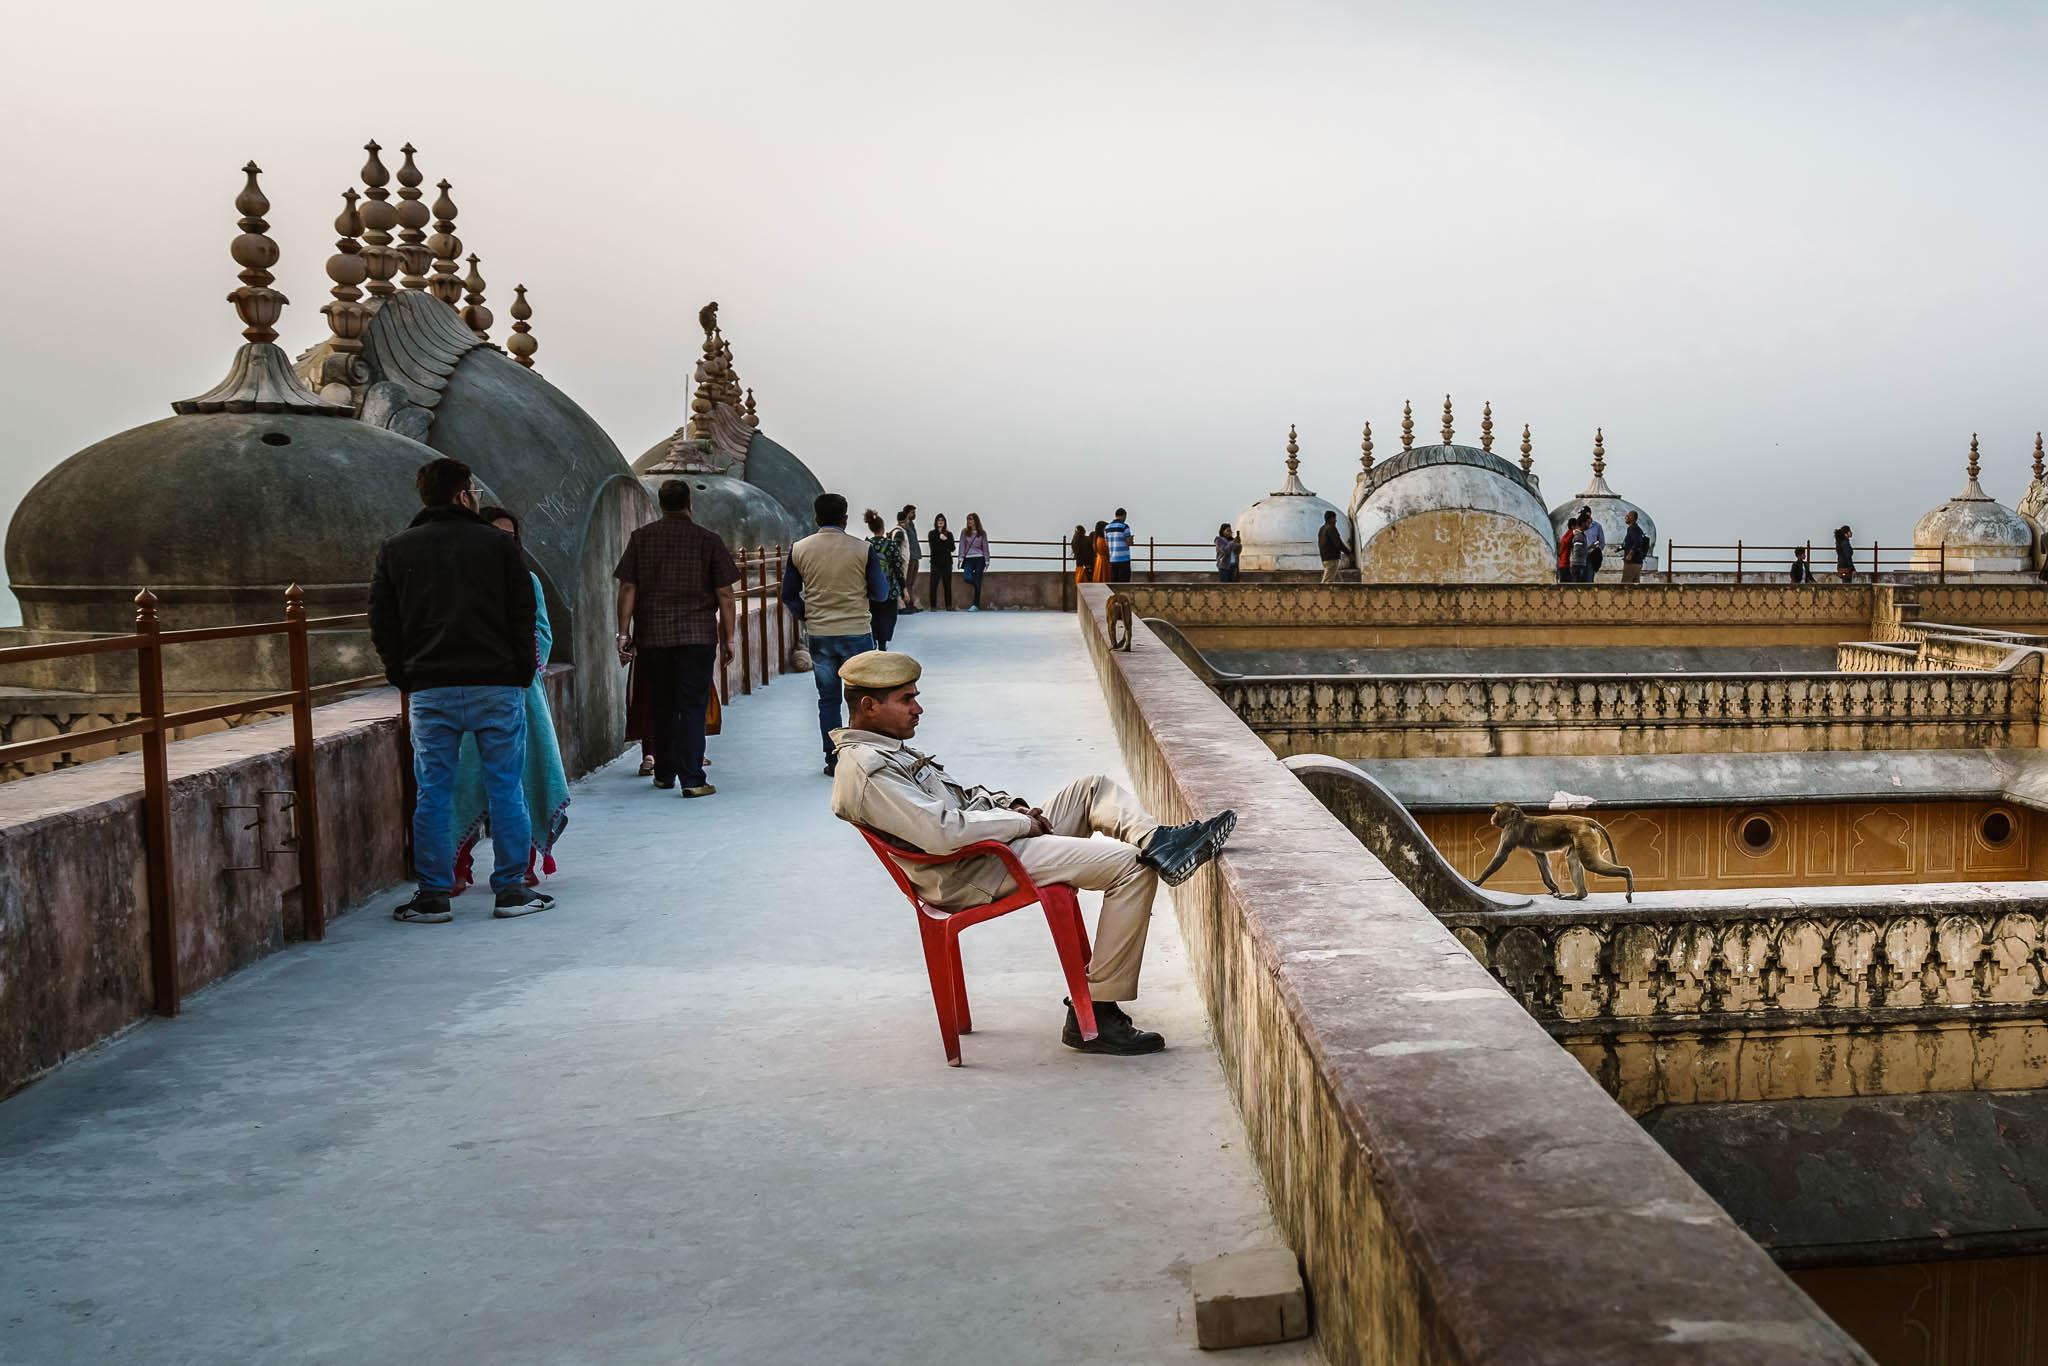 India-jaipur-monkey-7.jpg